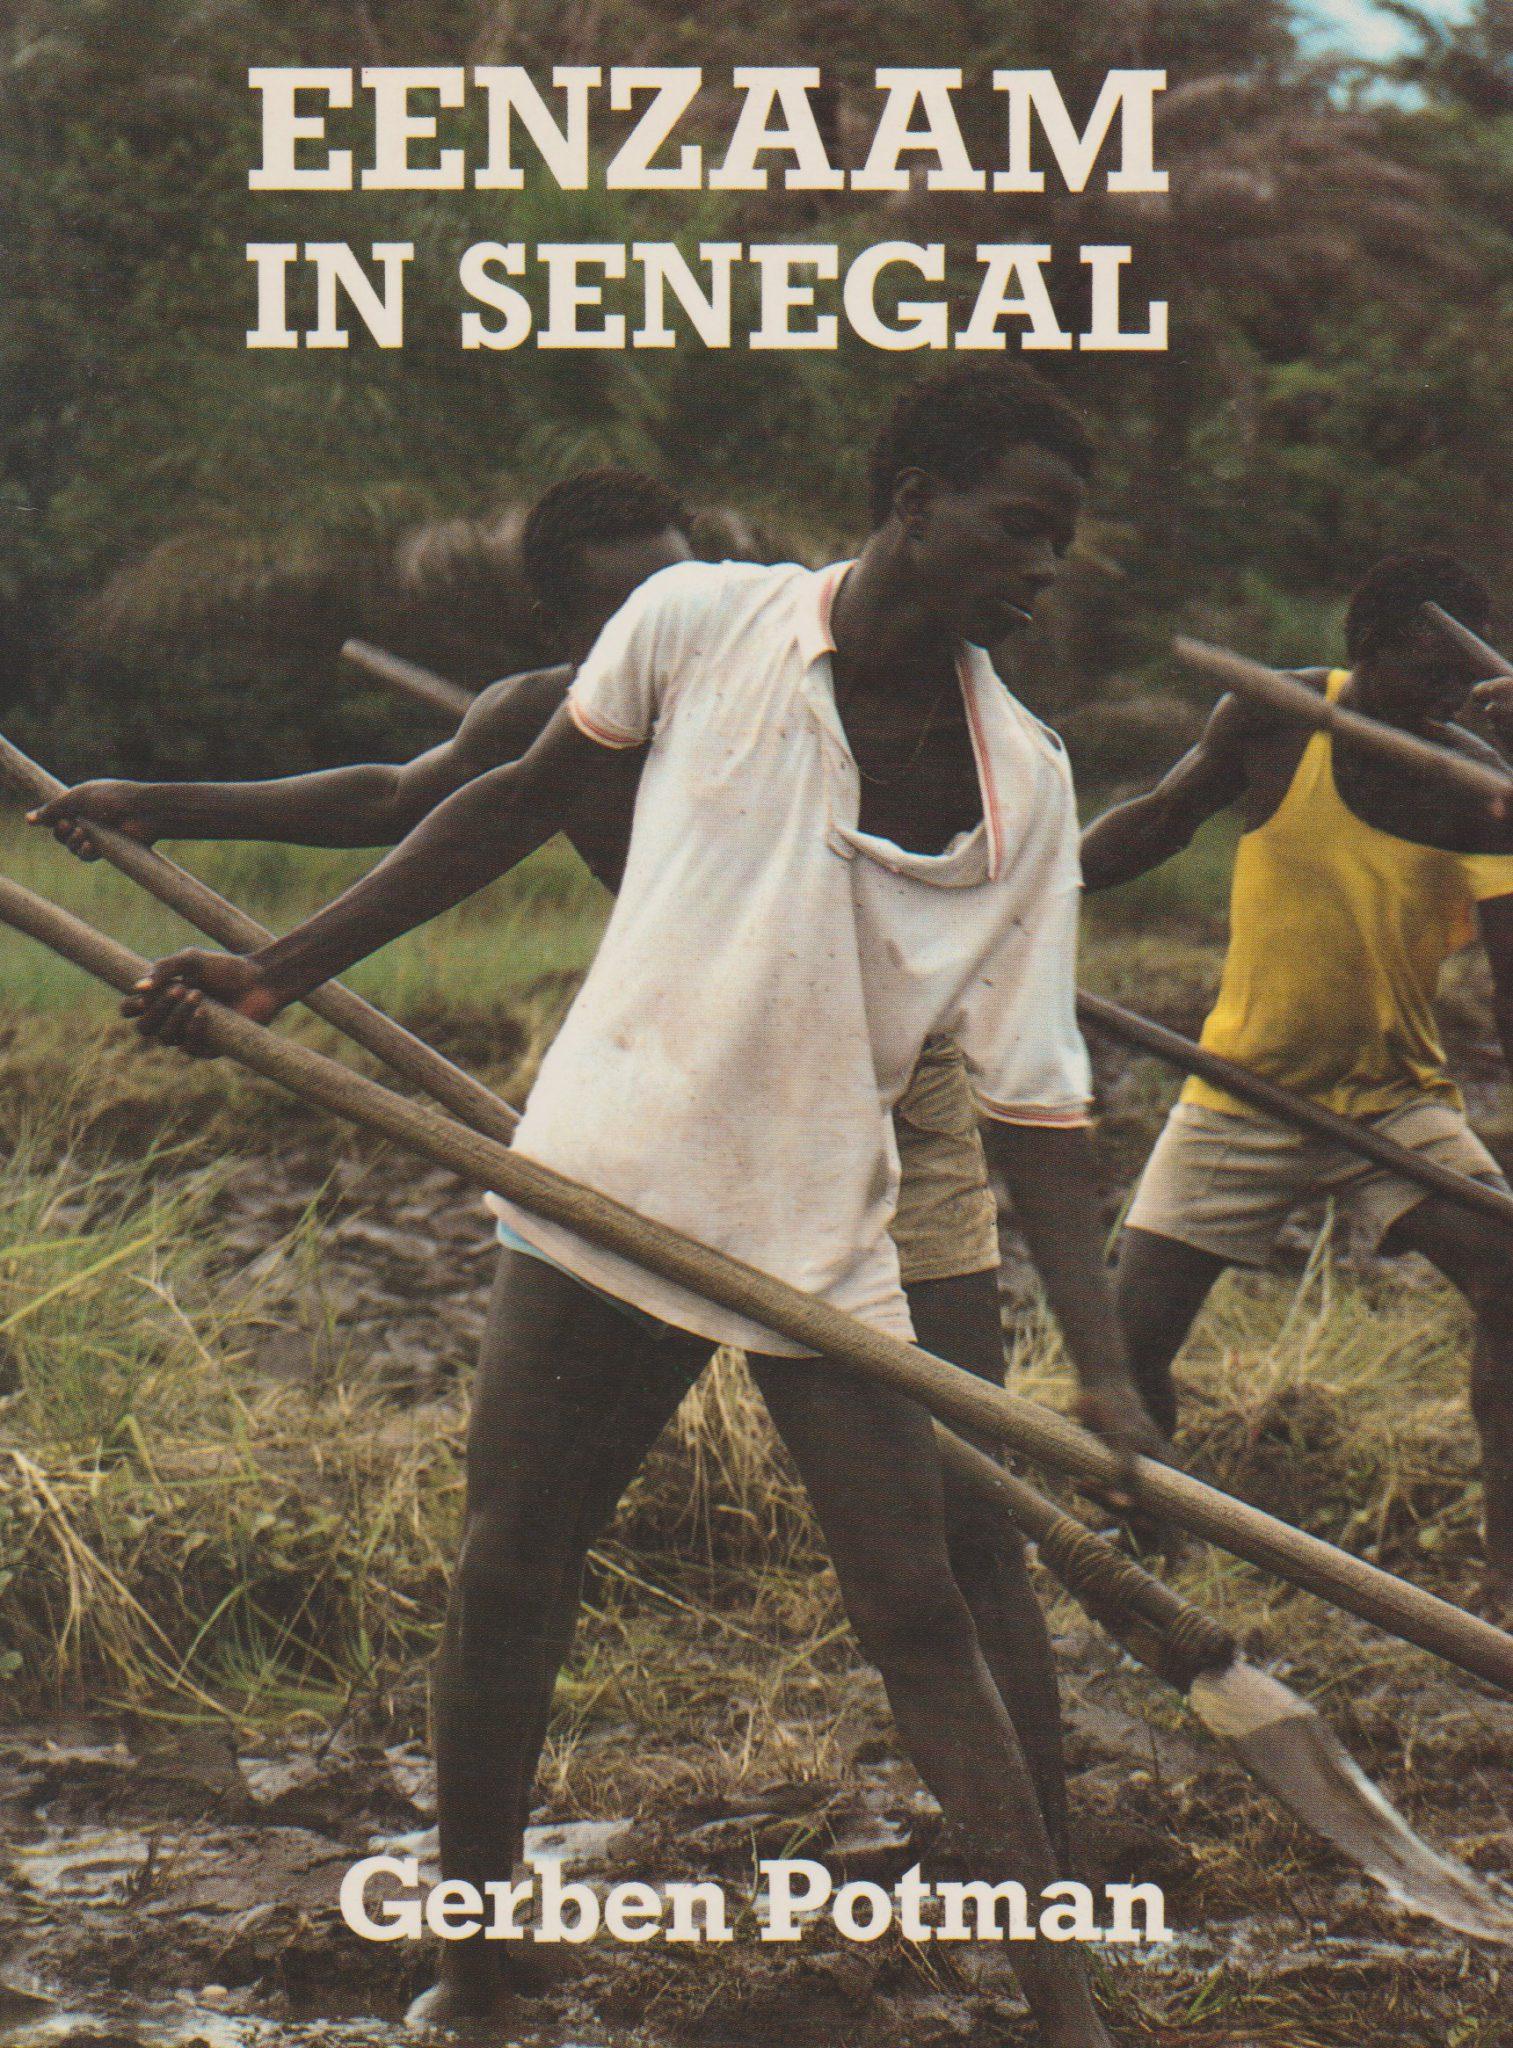 Afbeeldingsresultaat voor Gerben Potman - Eenzaam in Senegal